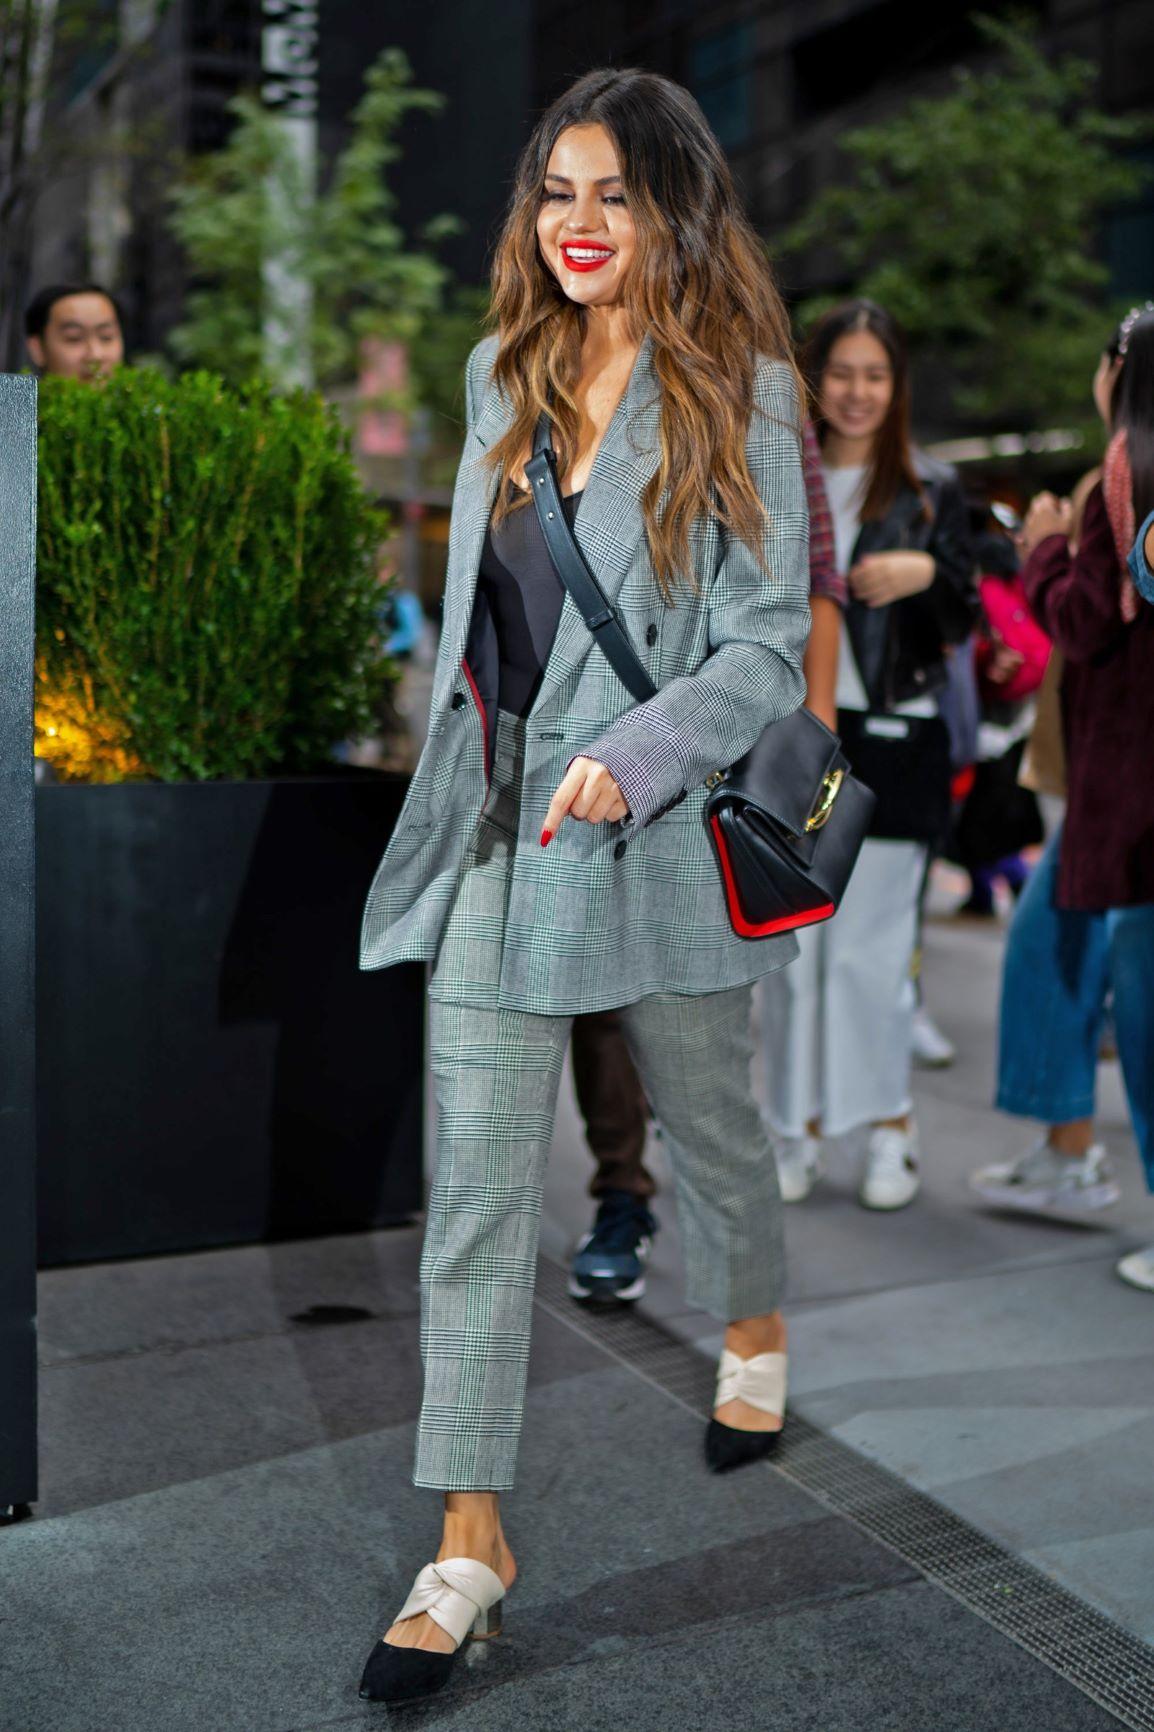 Selena cách phối đồ suit xám họa tiết kẻ sọc